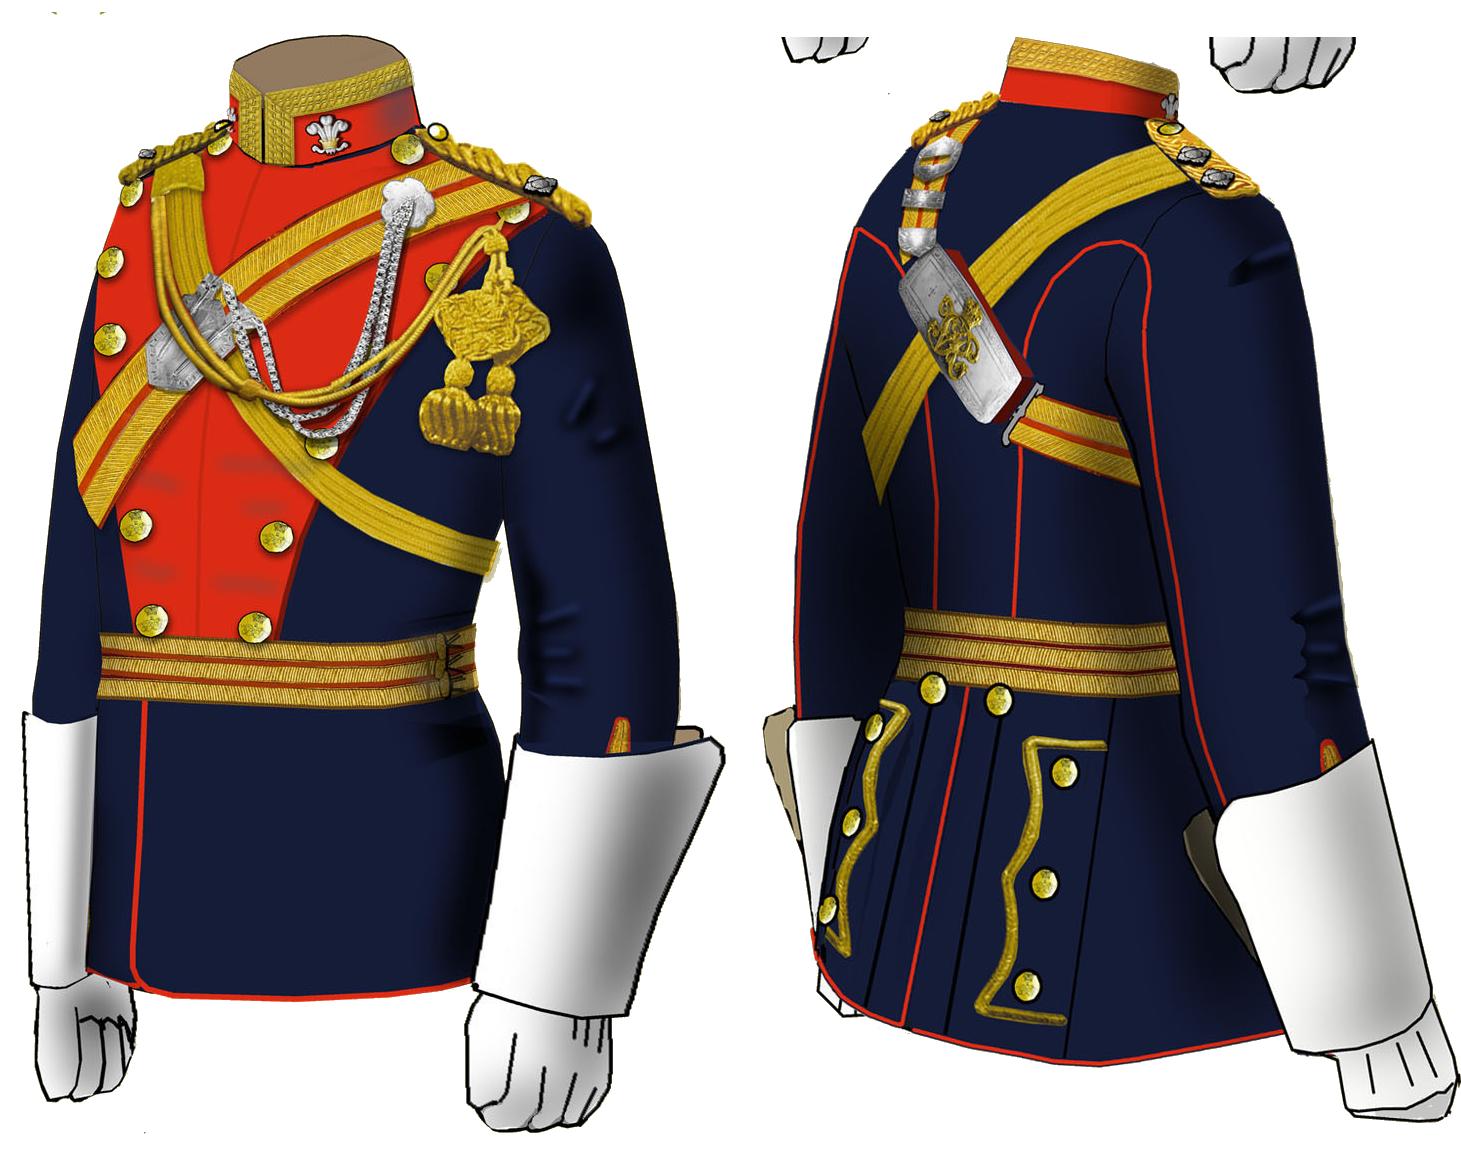 Мундир офицера 12 уланского полка 1881 – 1902 годов.